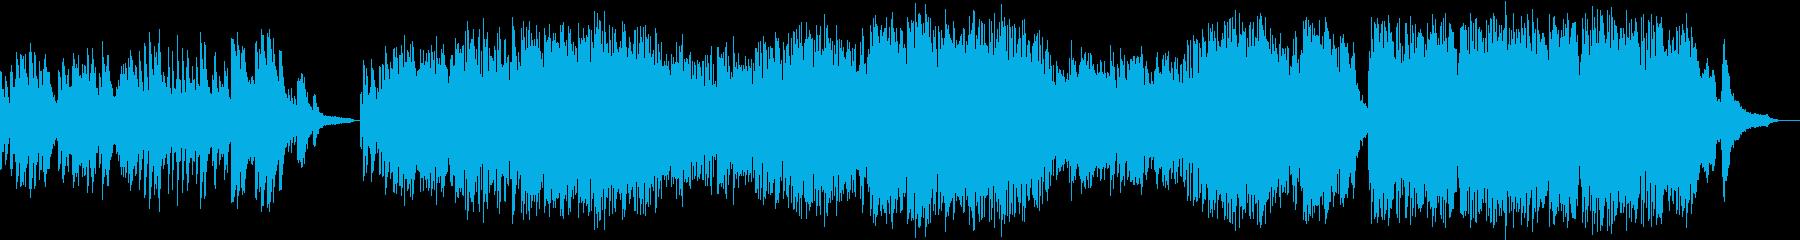 或るアニメ映画風ピアノソロ曲の再生済みの波形